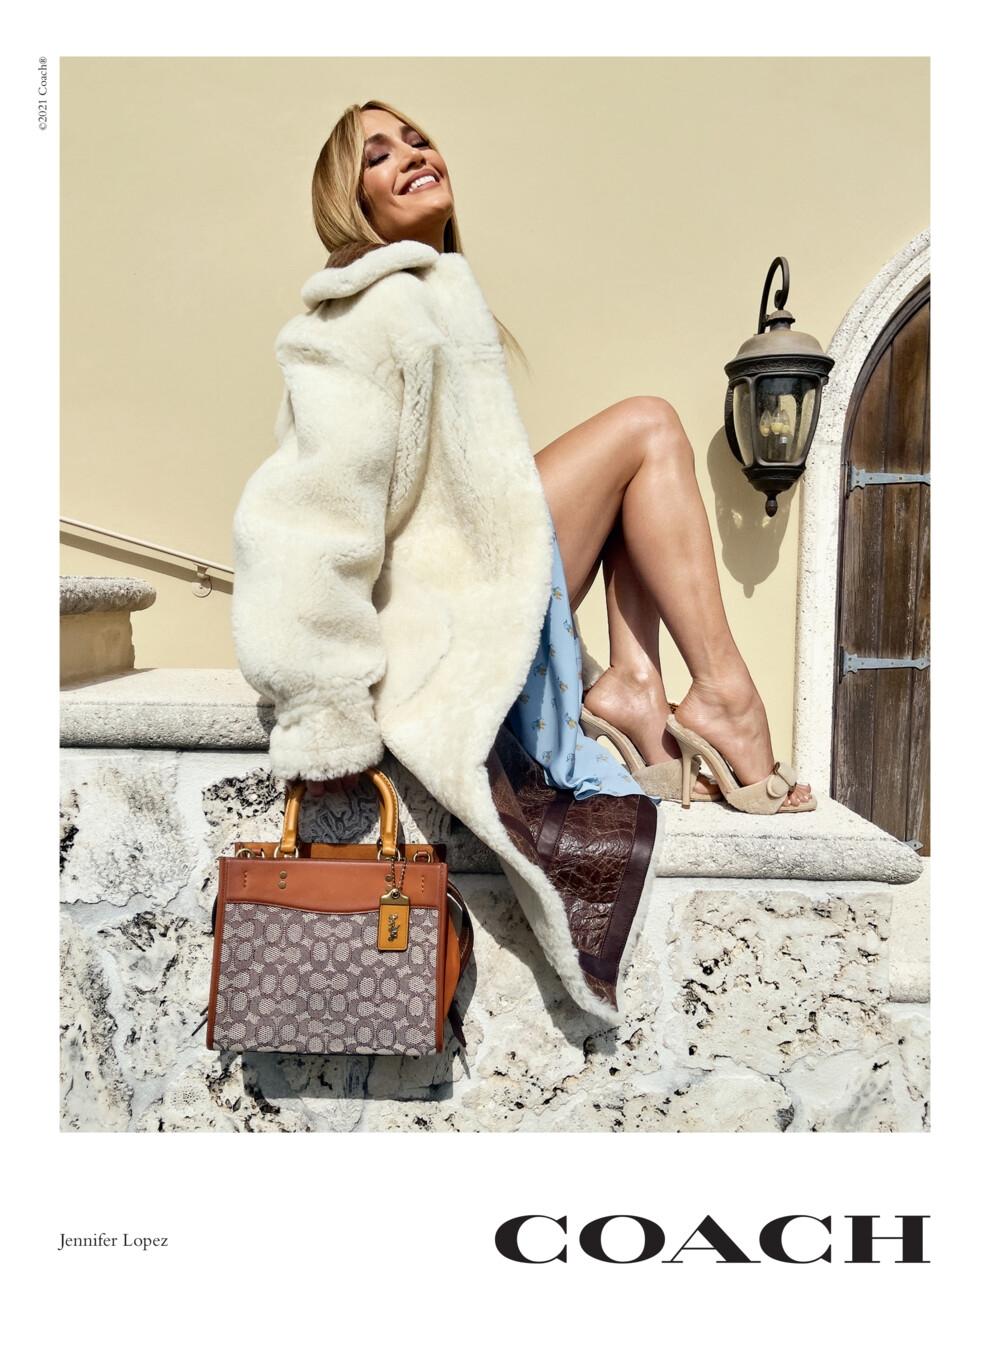 Дженнифер Лопес и Кейт Мосс появились в новой рекламной кампании Coach - фото №1